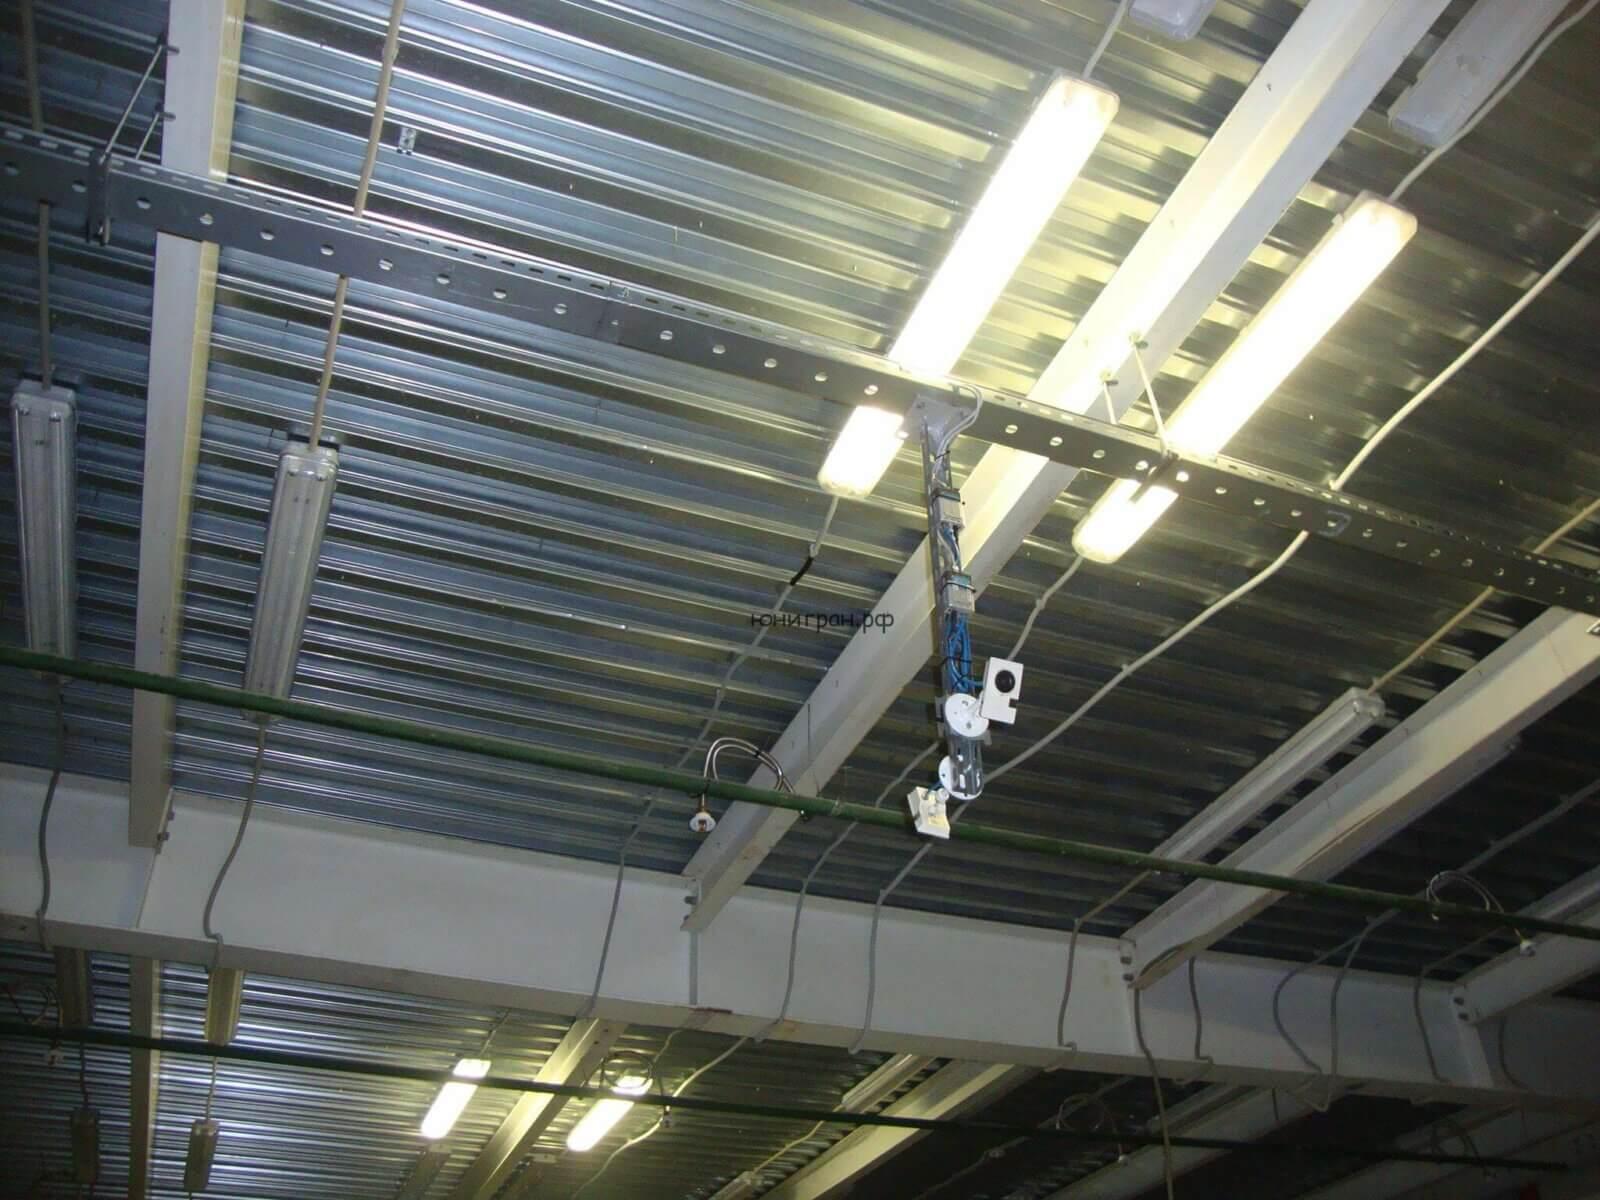 установлена камера видеонаблюдения на складе